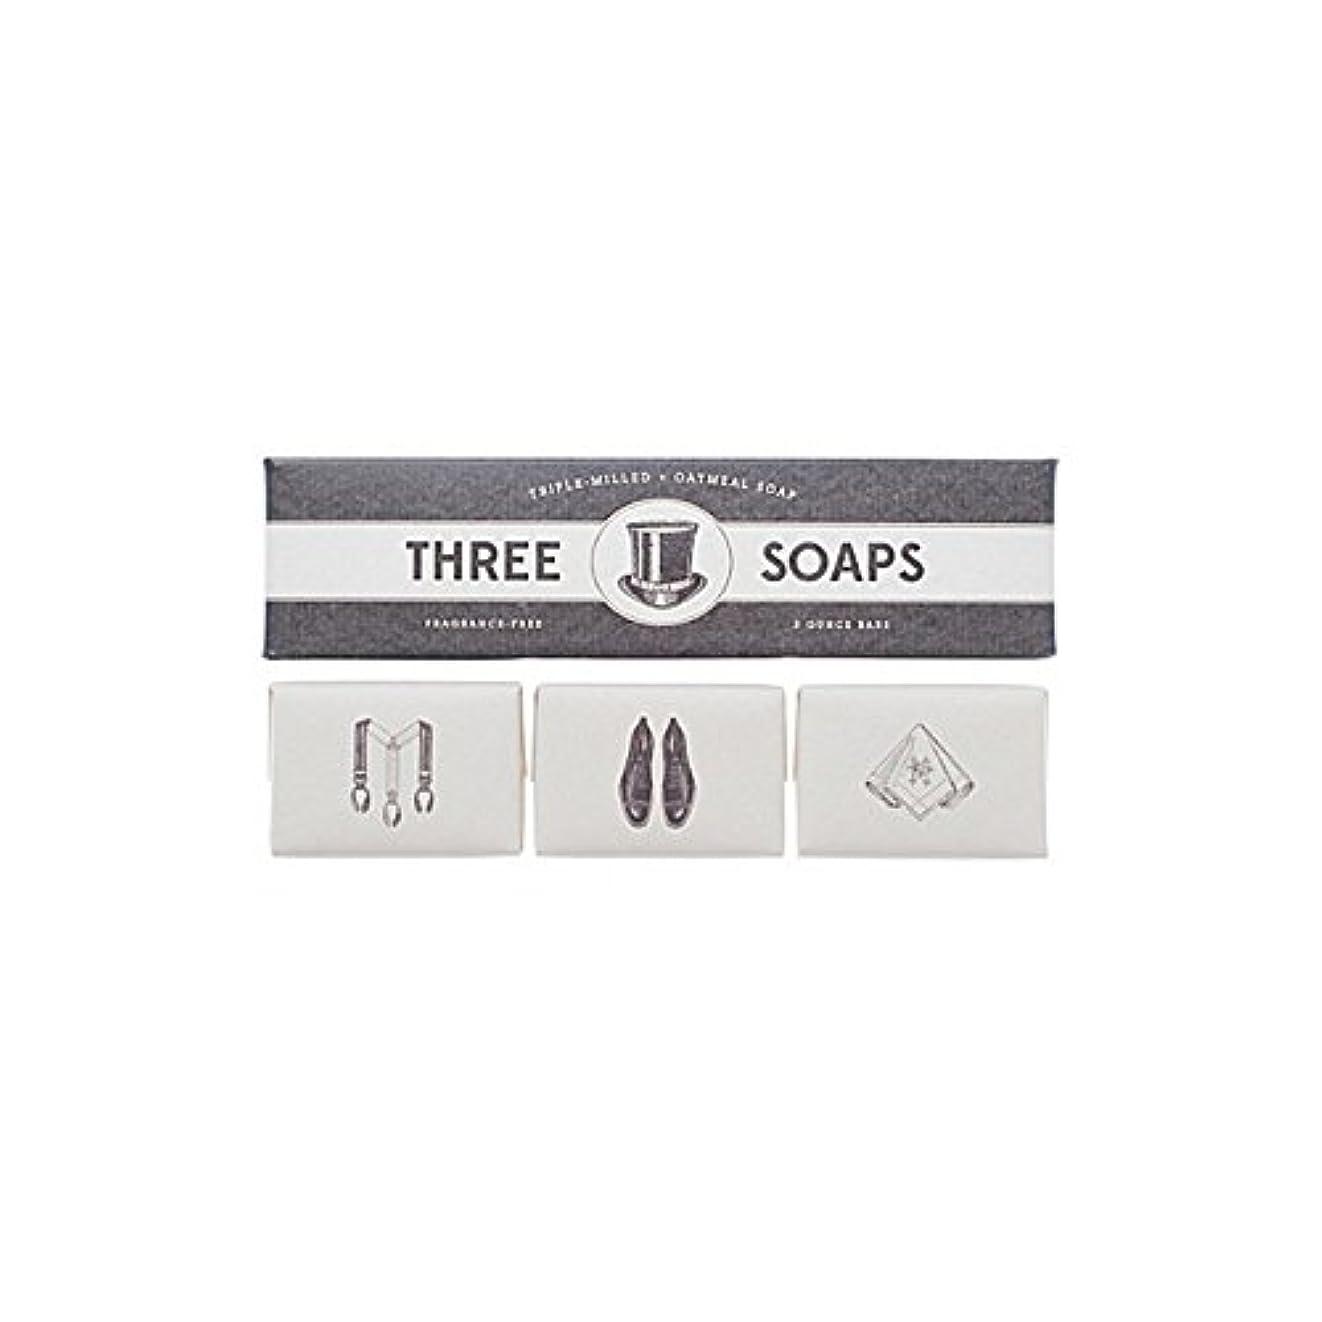 告白揃える告白Izola Trio Of Soaps (Pack of 6) - 石鹸のイゾラトリオ x6 [並行輸入品]